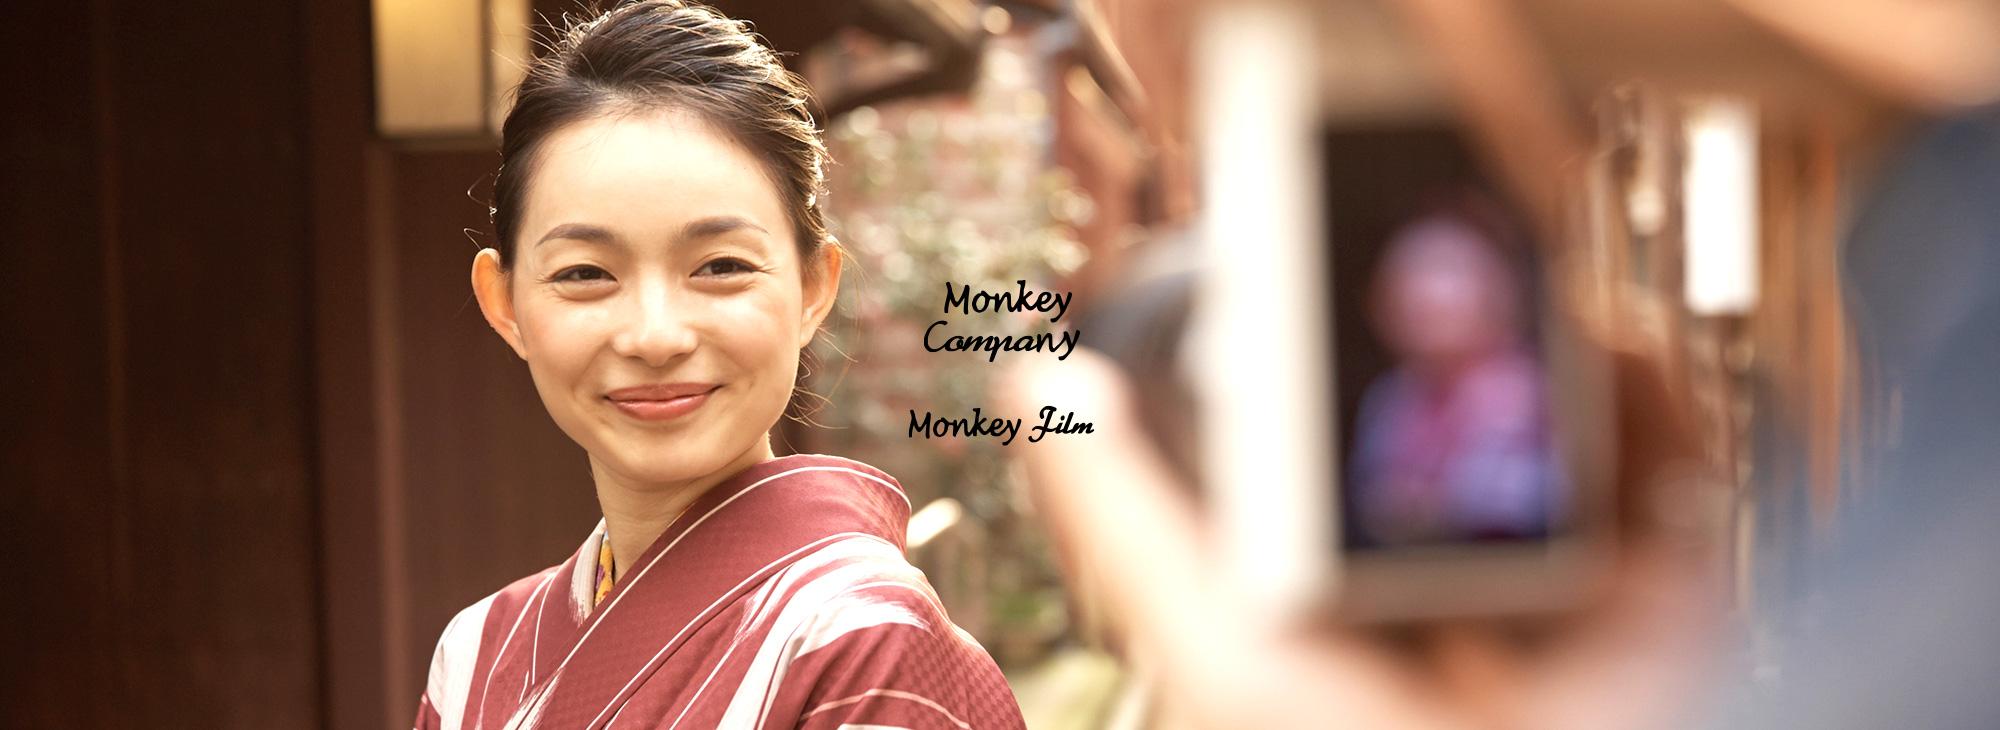 Monkey Film